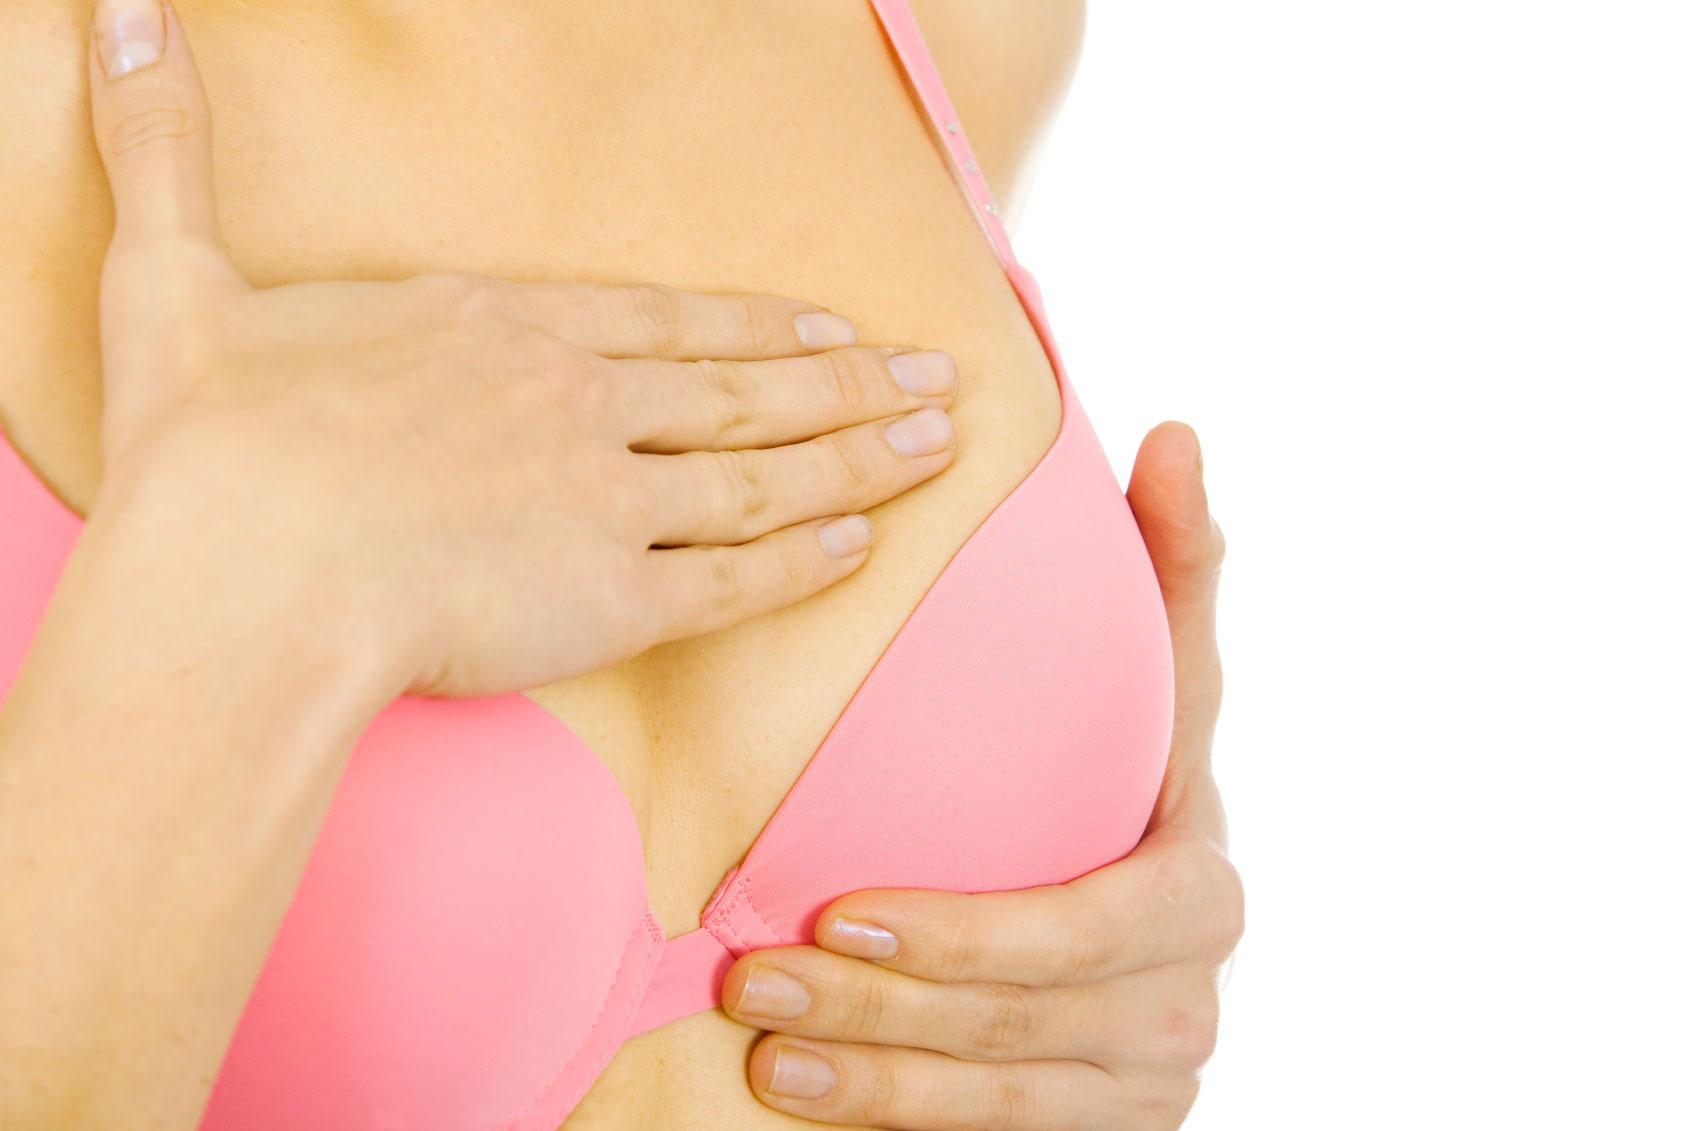 женщина в розовом правильном хлопковом белье при мастопатии